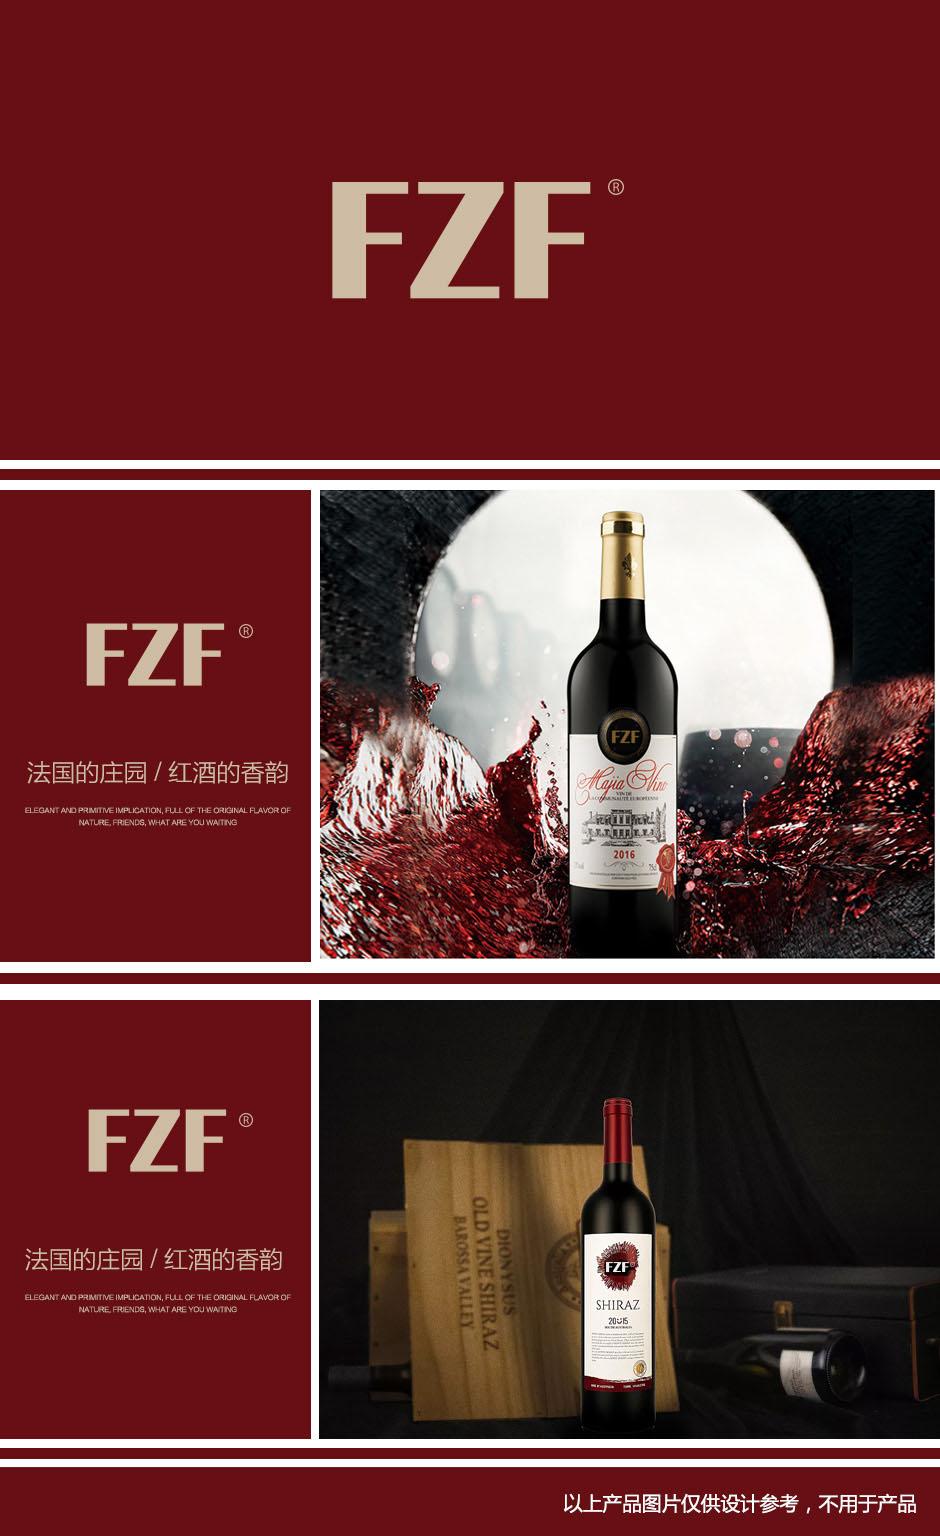 第33类商标-FZF